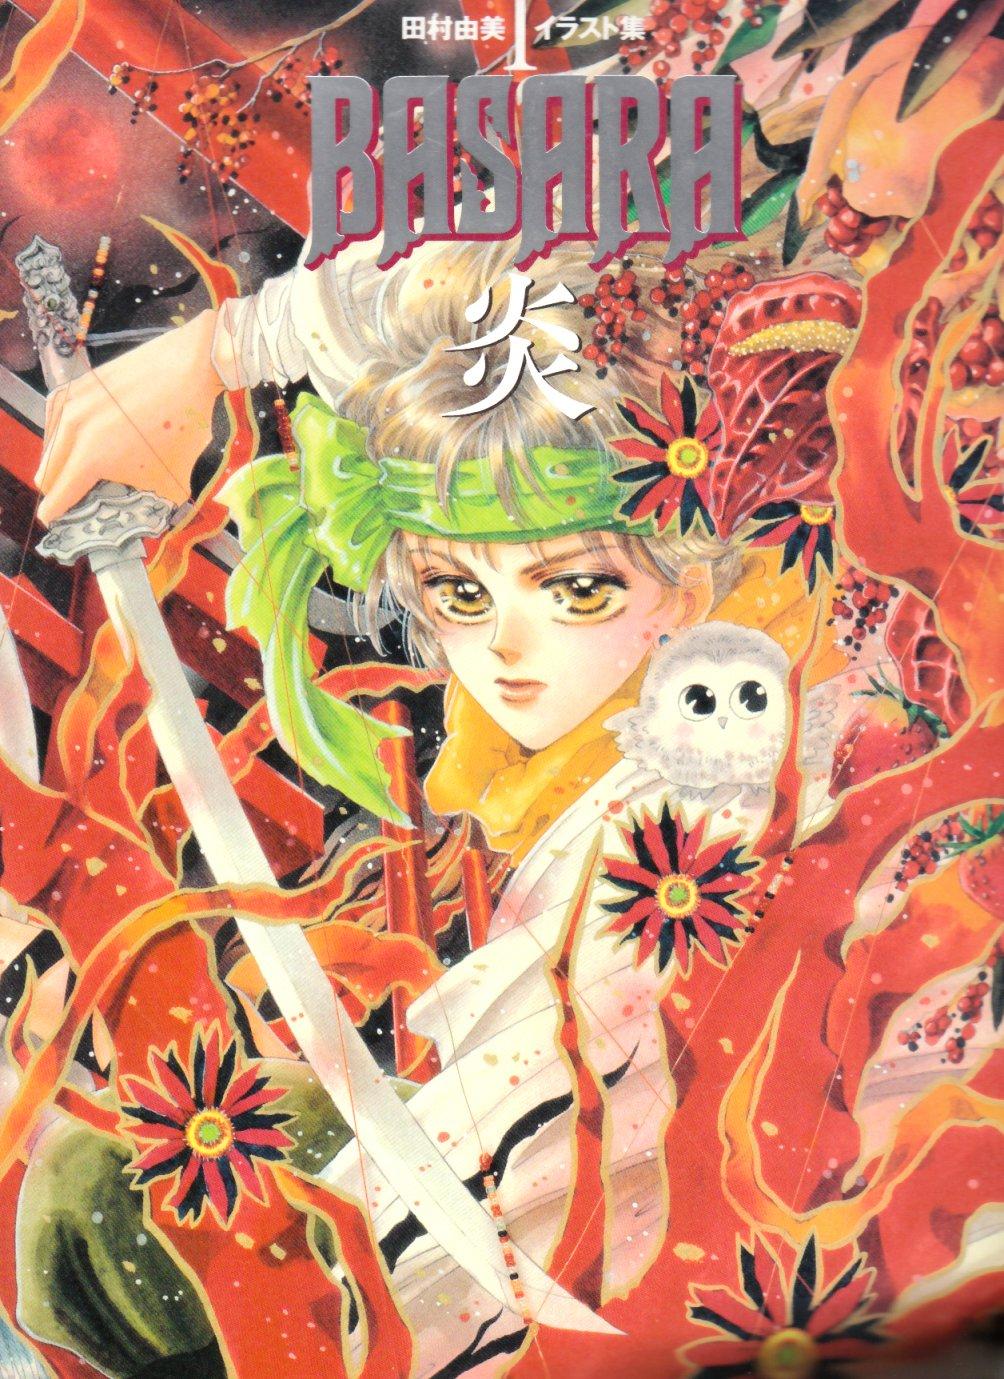 隠れた名作『BASARA』!少女漫画らしからぬ壮大なスケールが魅力